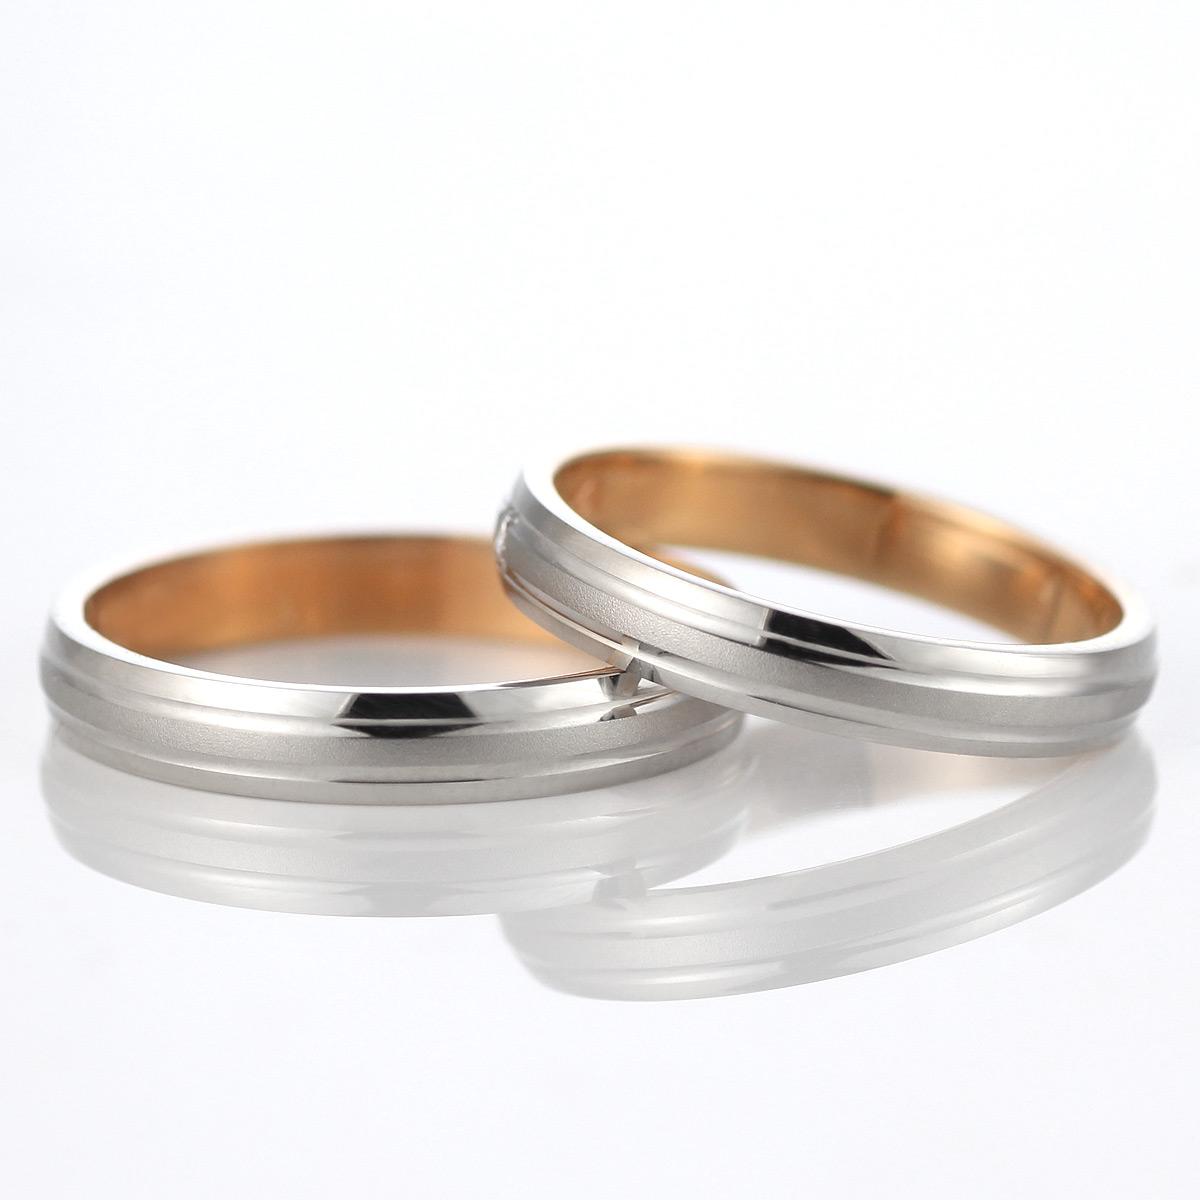 ペアリング シンプル 結婚指輪 マリッジリング ペアリング プラチナ ピンクゴールド 2本セット